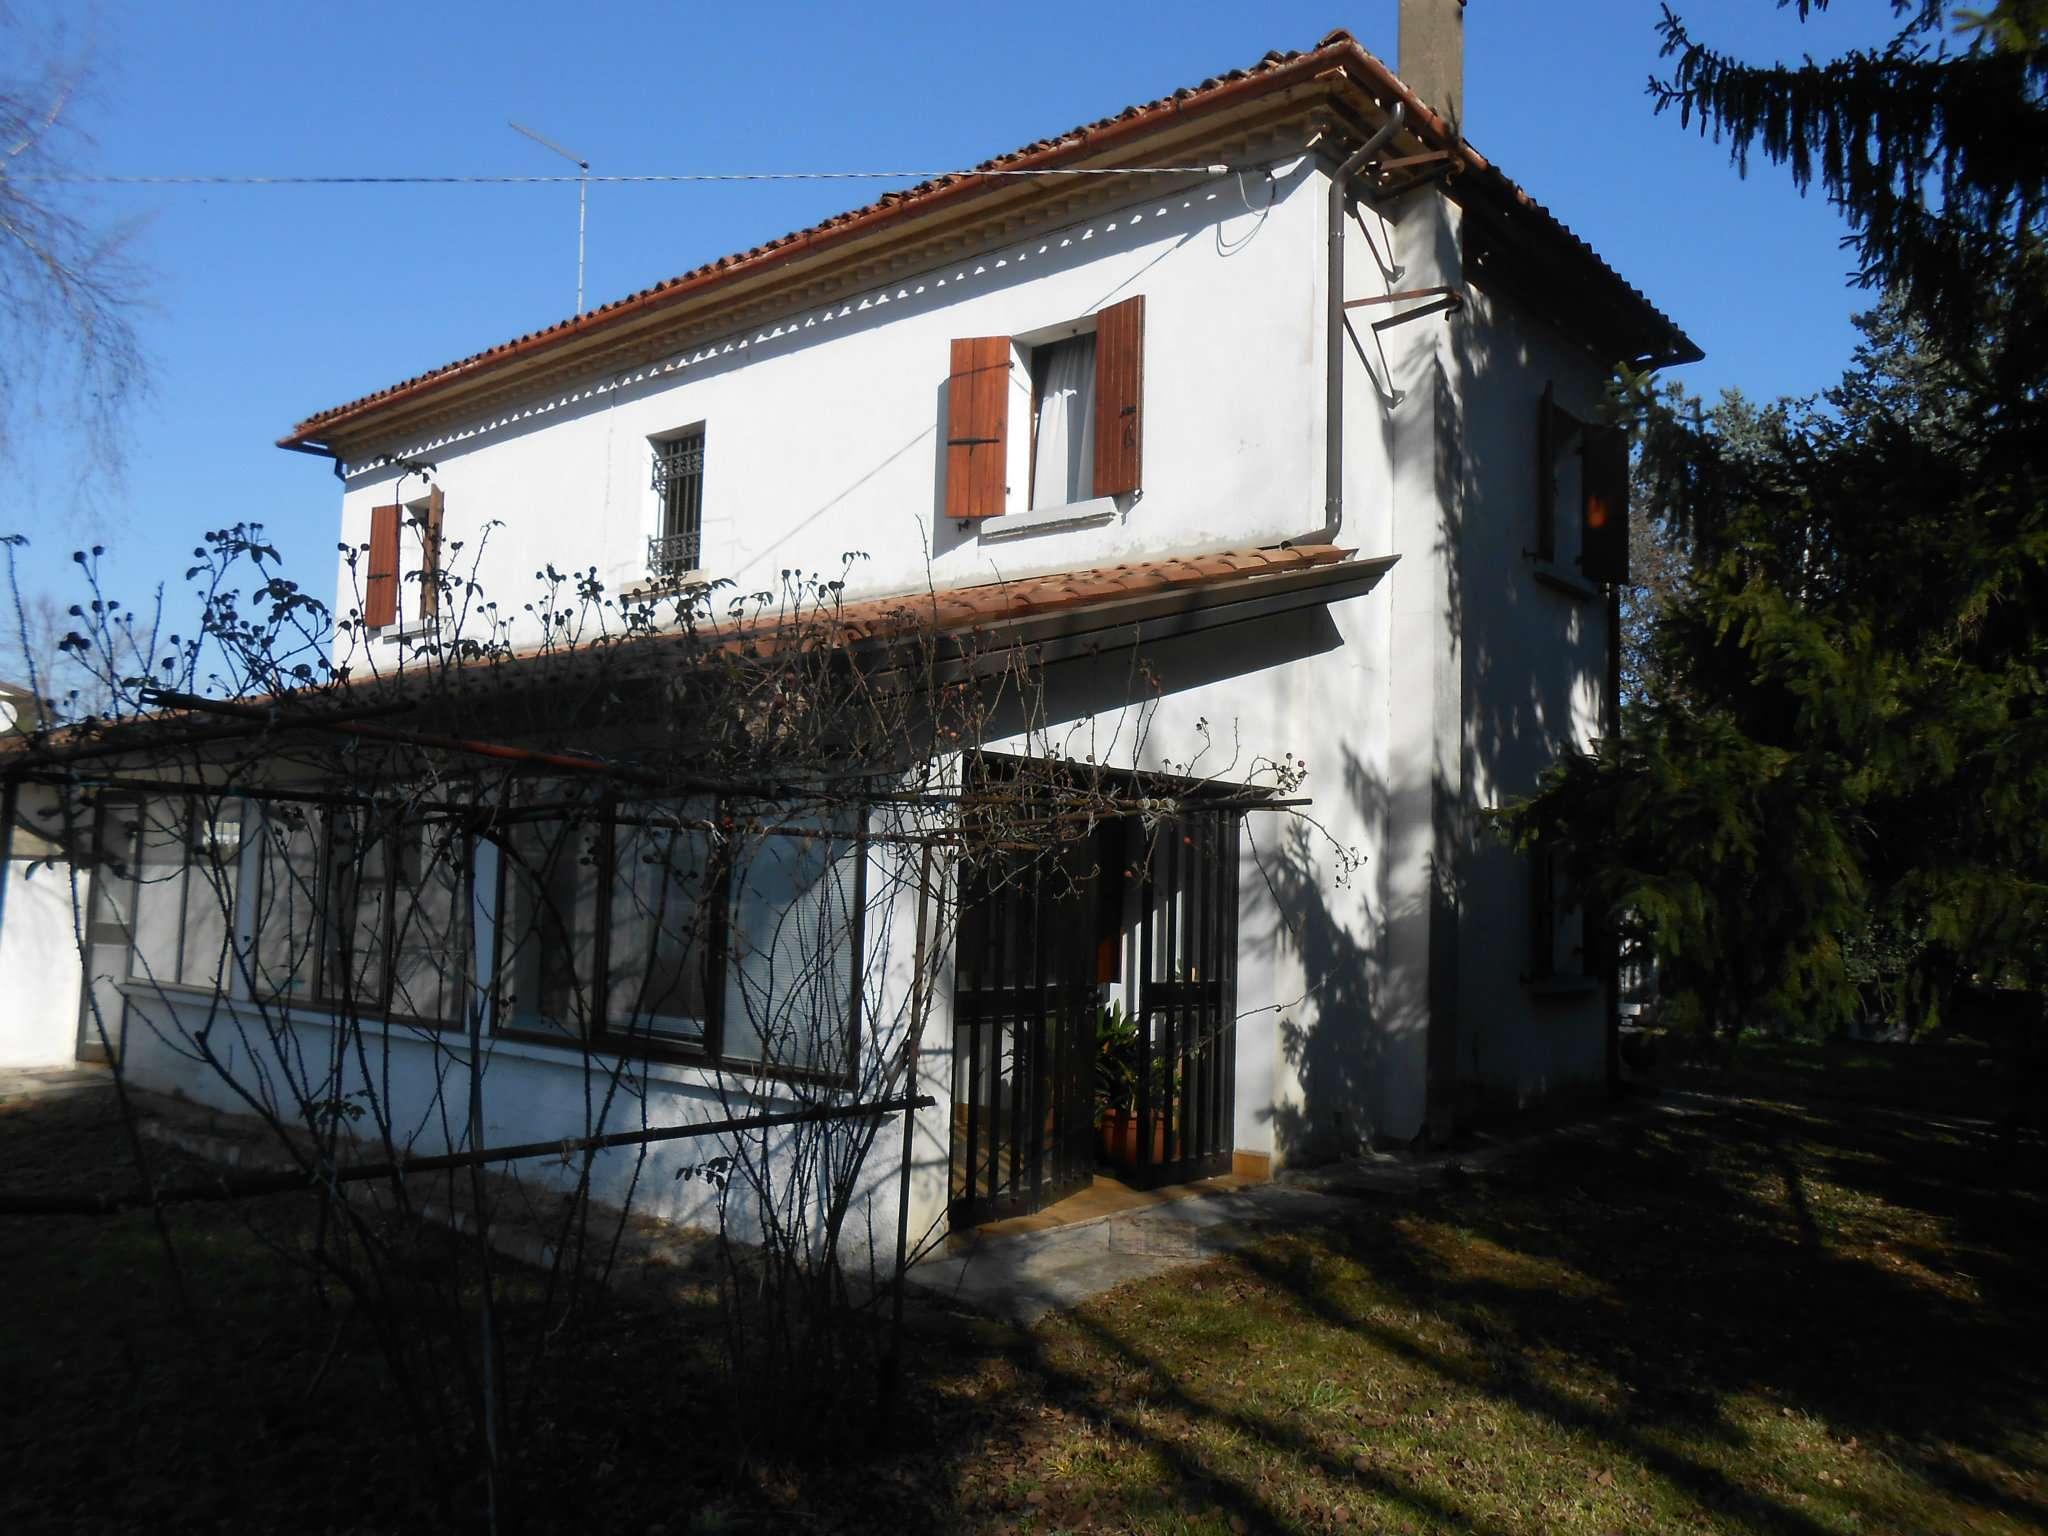 Casa indipendente quadrilocale in vendita a San Polo di Piave (TV)